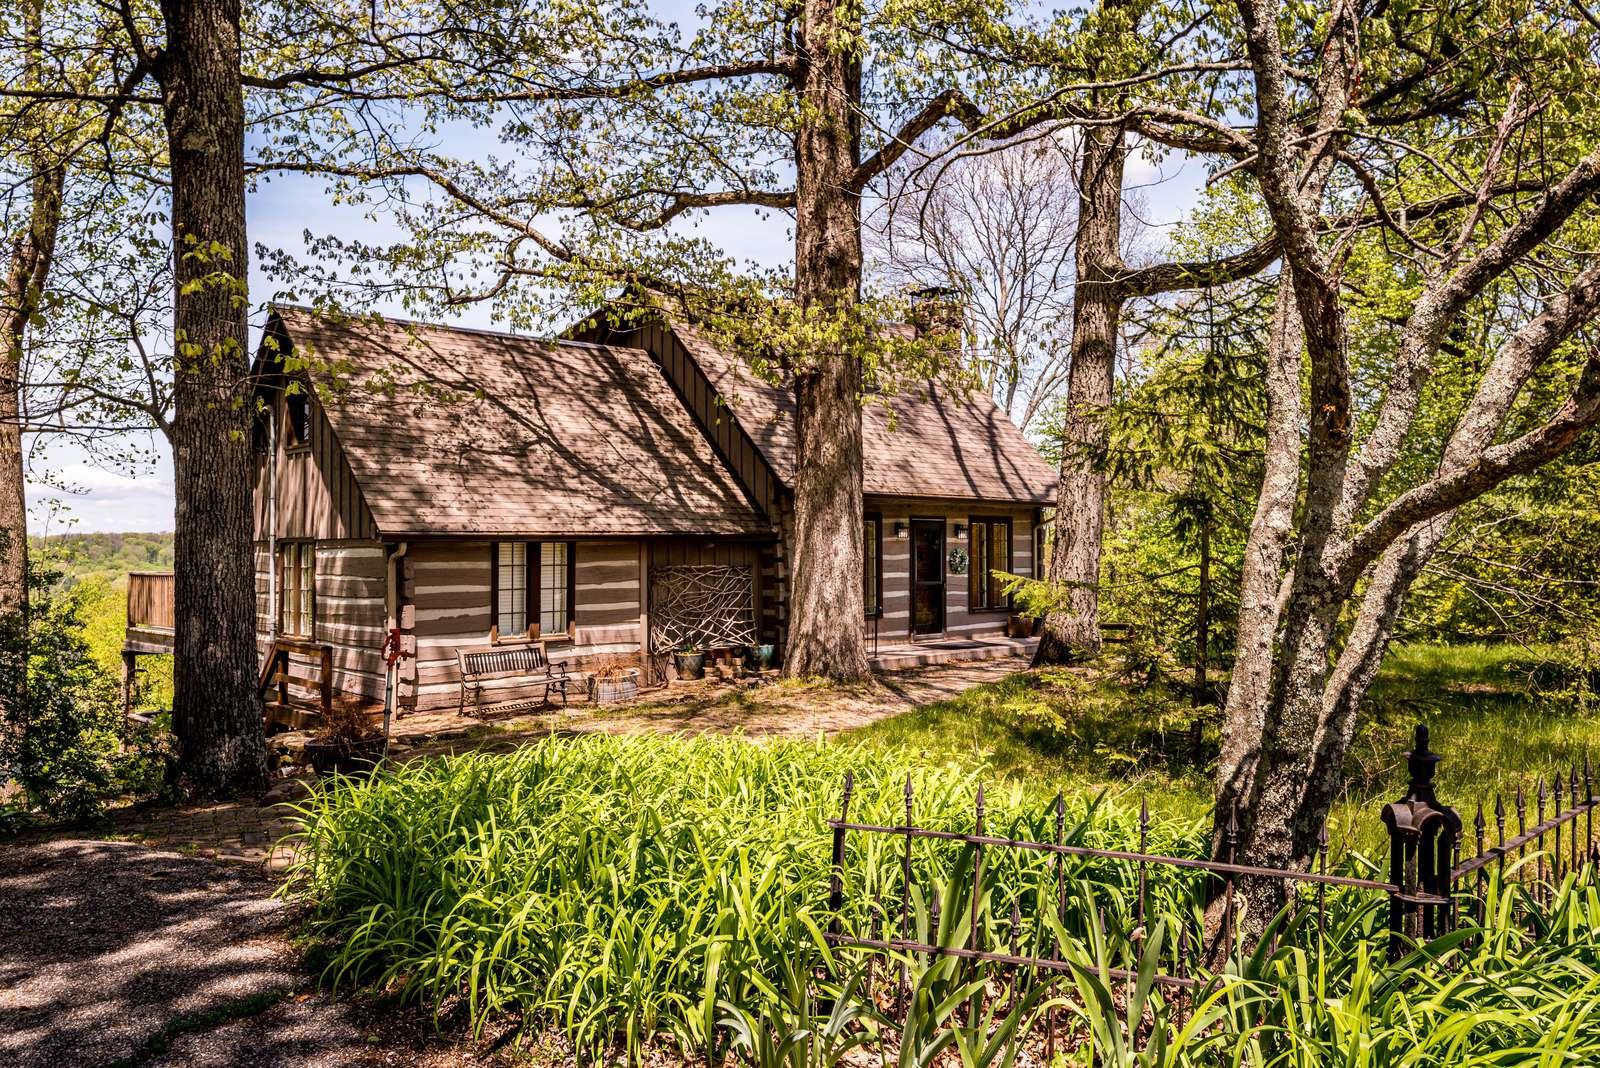 Overlook Log Cabin Rental - property